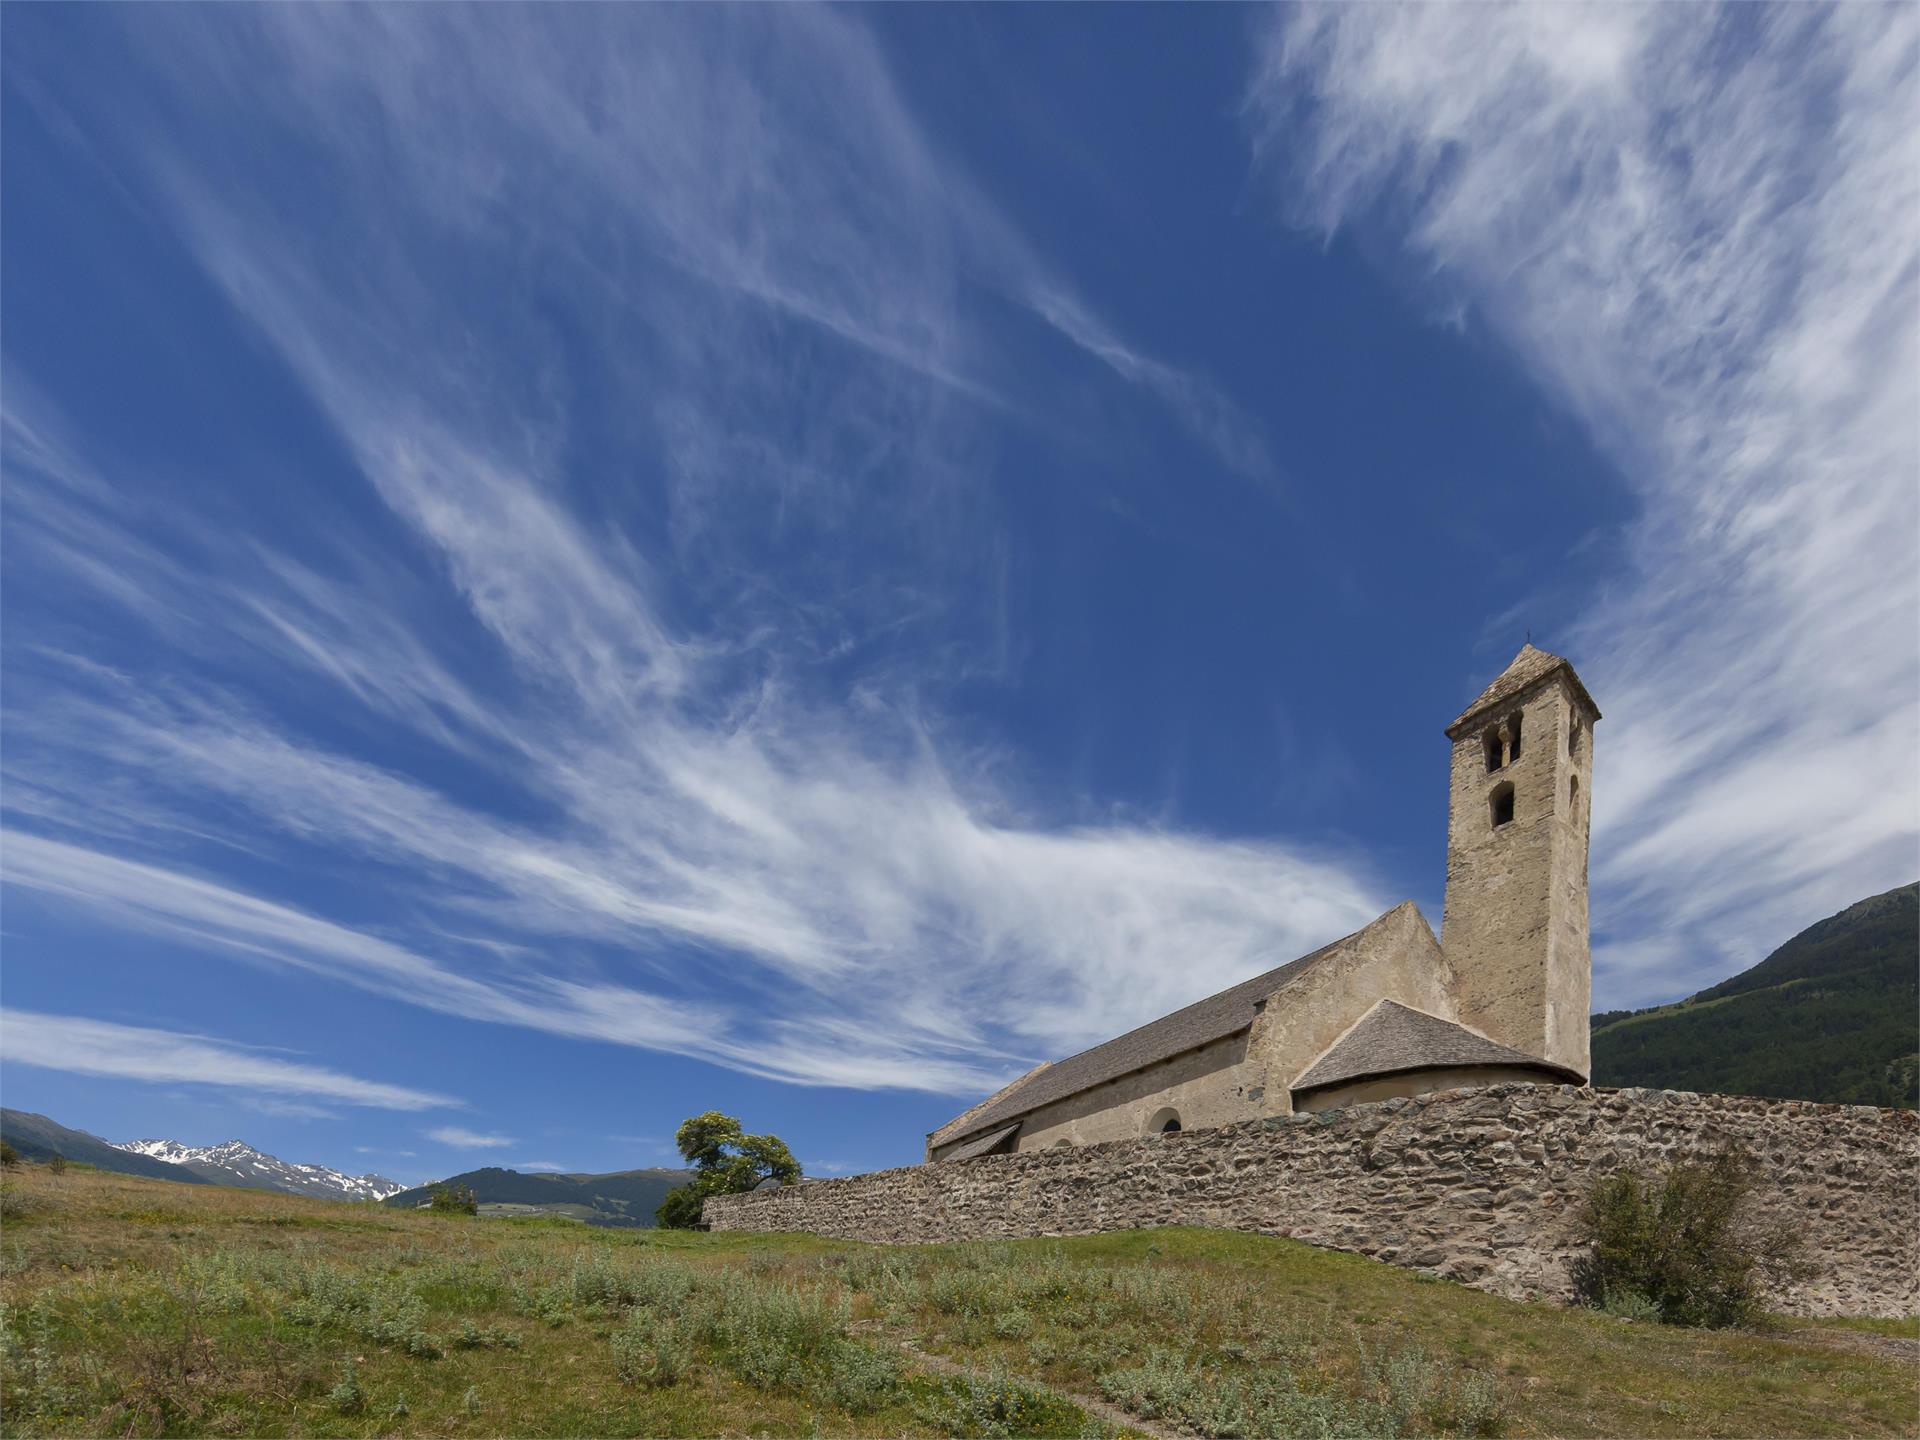 St.-Veit-Kirche und arch. Grabungsstätte